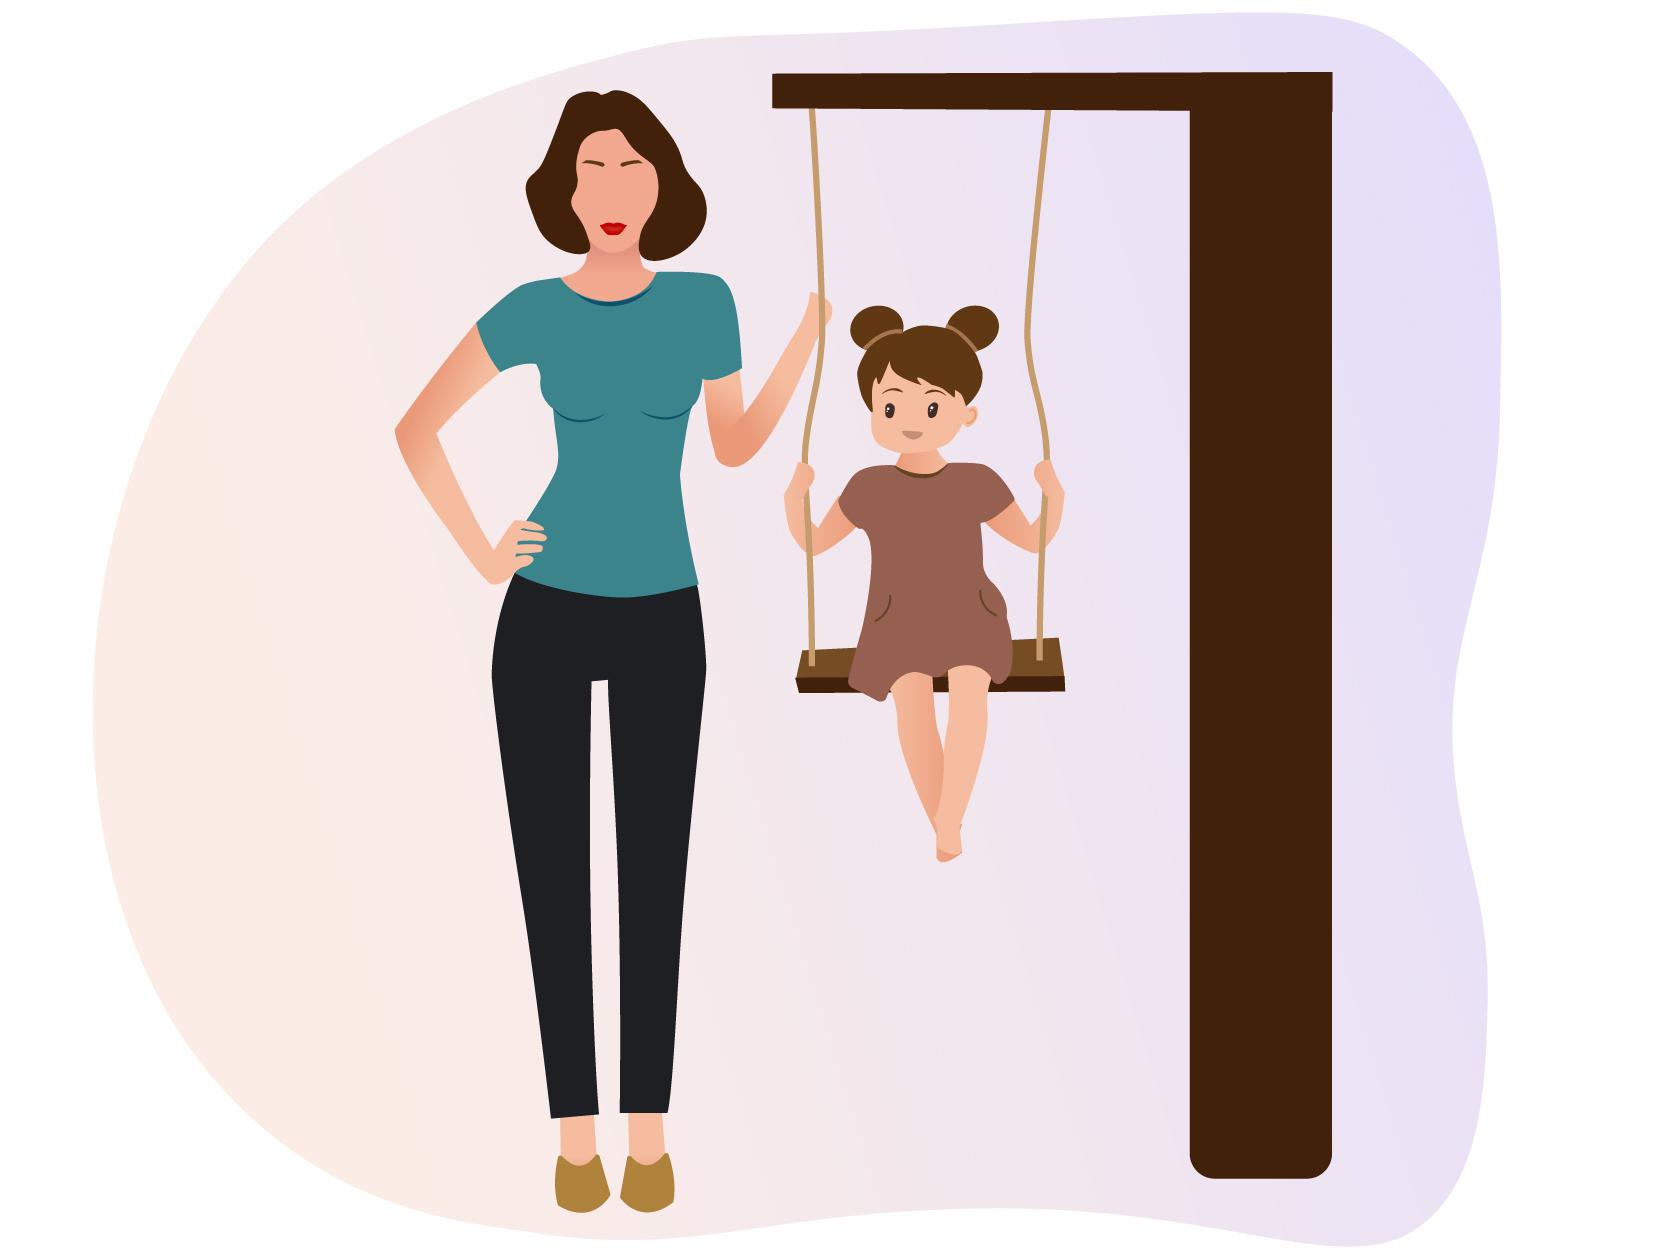 Oppas maar het oppaskindje in de speeltuin aan het schommelen Oppas draag een broek met blauw T-shirt en het kindje heeft een roze jurk aan